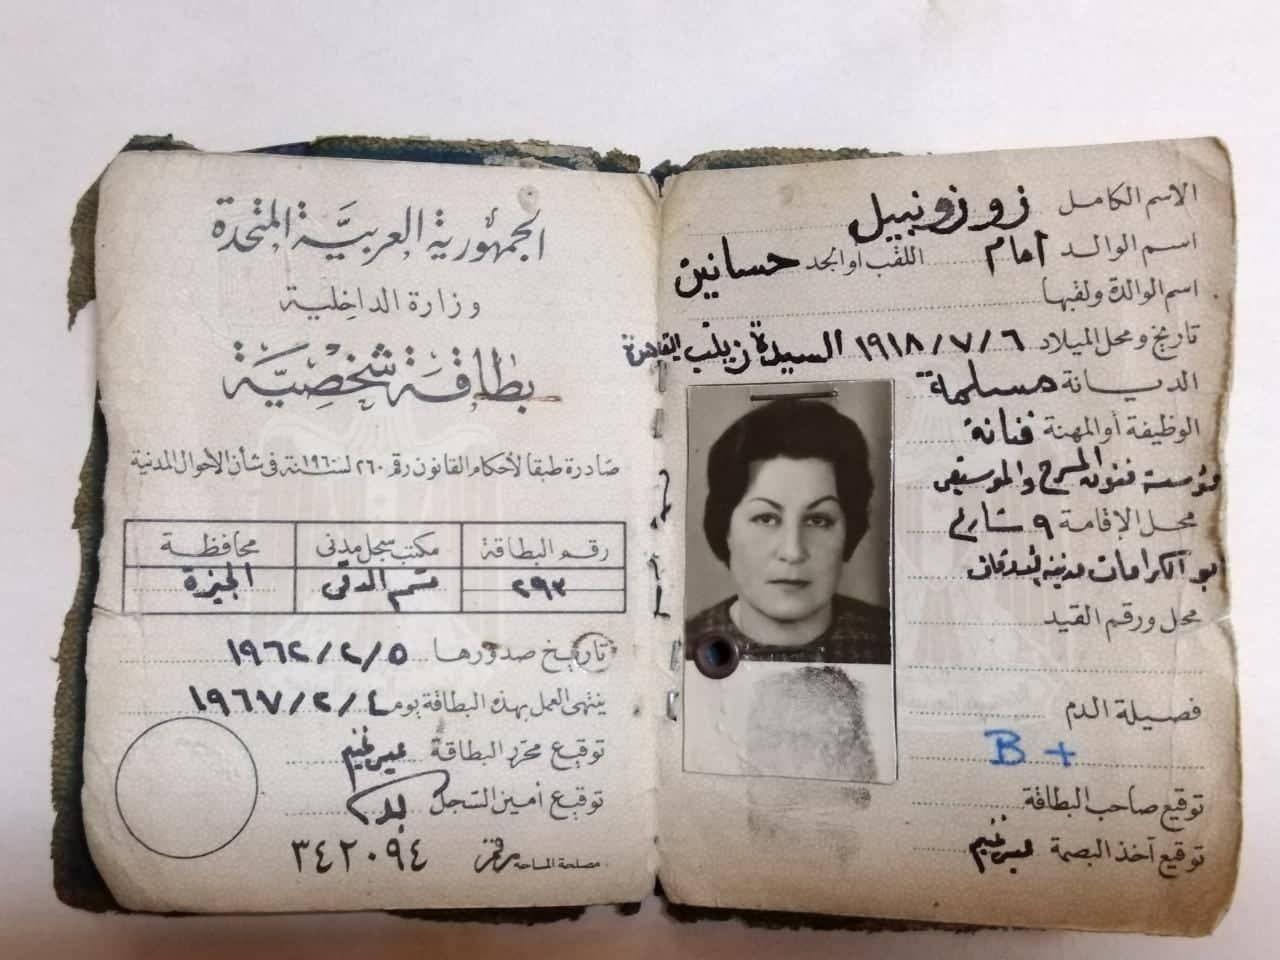 بطاقة زوزو نبيل الشخصية